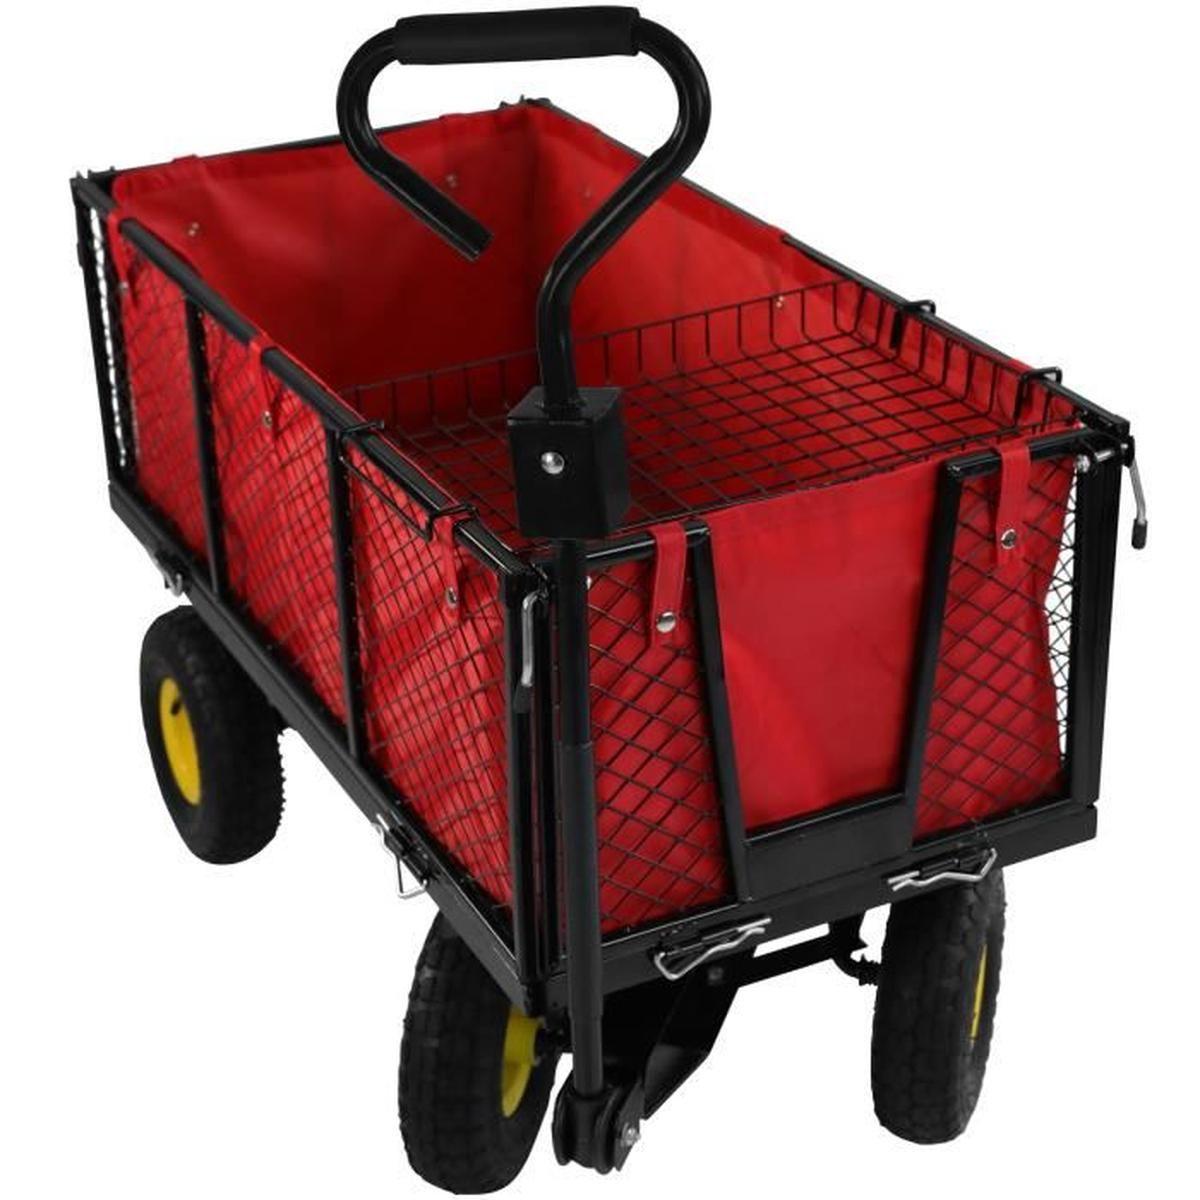 Chariot De Jardin Transport Charrette Remorque À Main Charge ... intérieur Chariot De Jardin Multi Usage